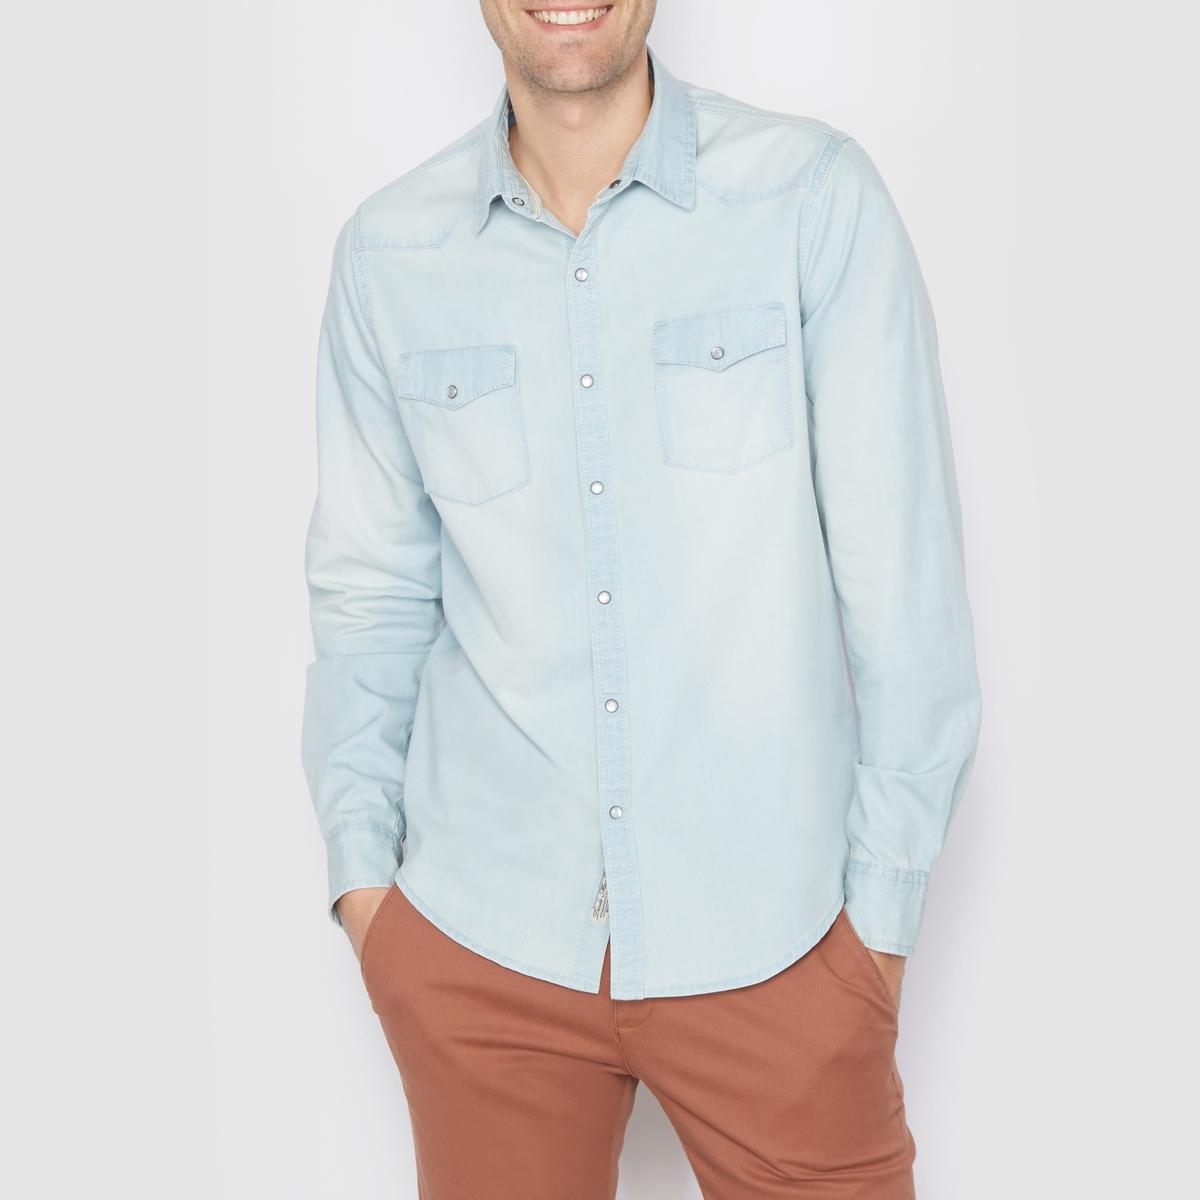 Рубашка джинсовая стандартного покроя. Длинные рукава